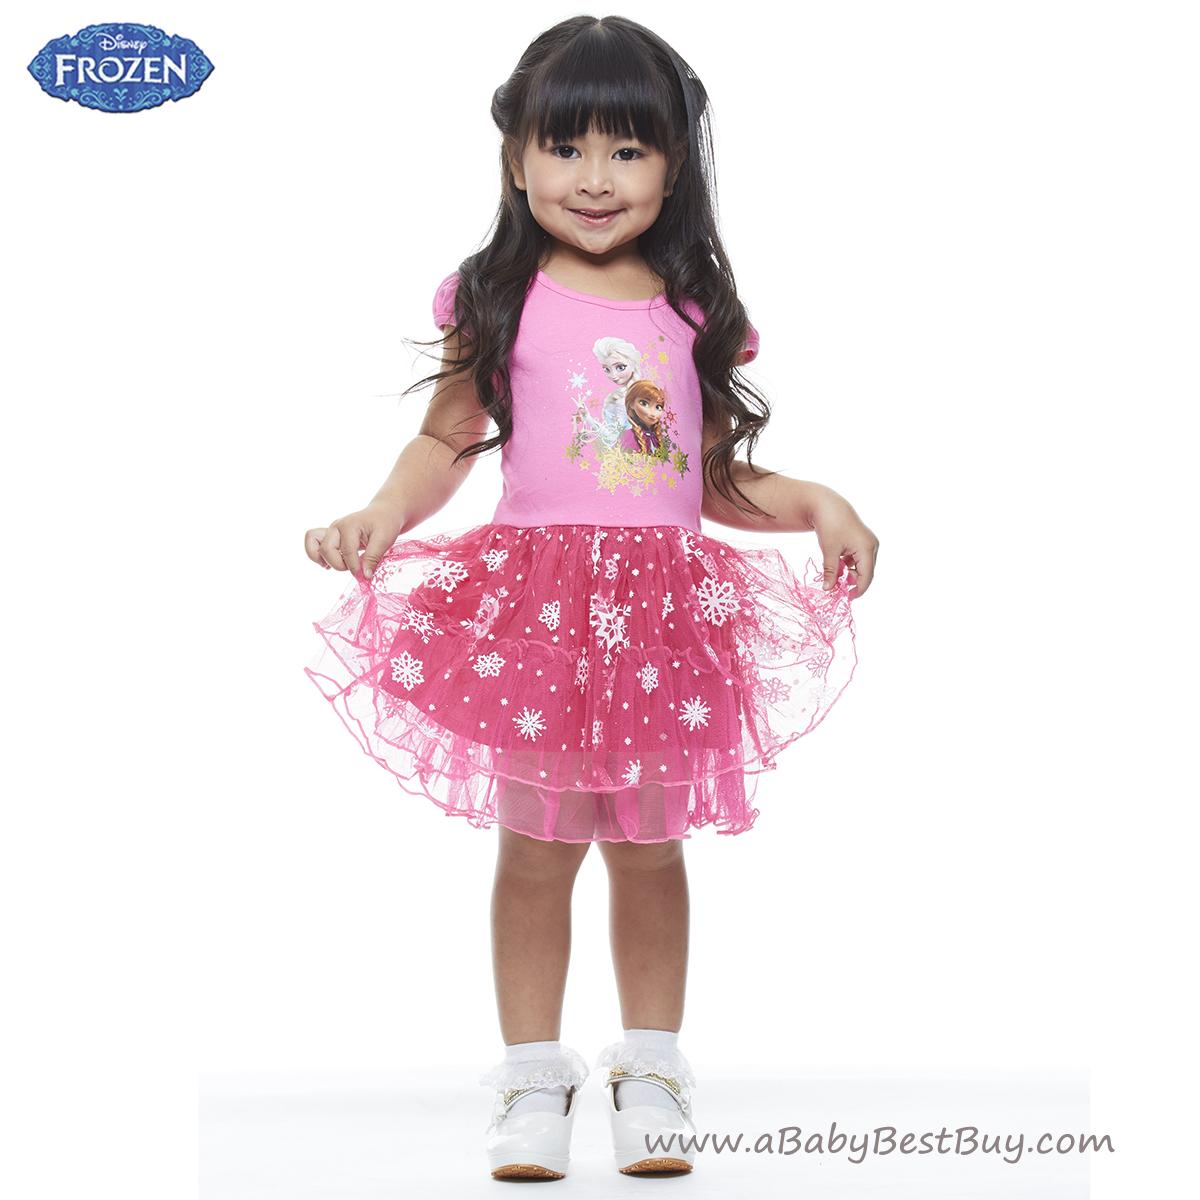 ( 1-2-3 ปี ) ชุดเดรส สั้นสีชมพู แขนกุด ลายเจ้าหญิงโฟรเซ่น ดิสนีย์แท้ ลิขสิทธิ์แท้ (สำหรับเด็ก1-2-3 ปี)